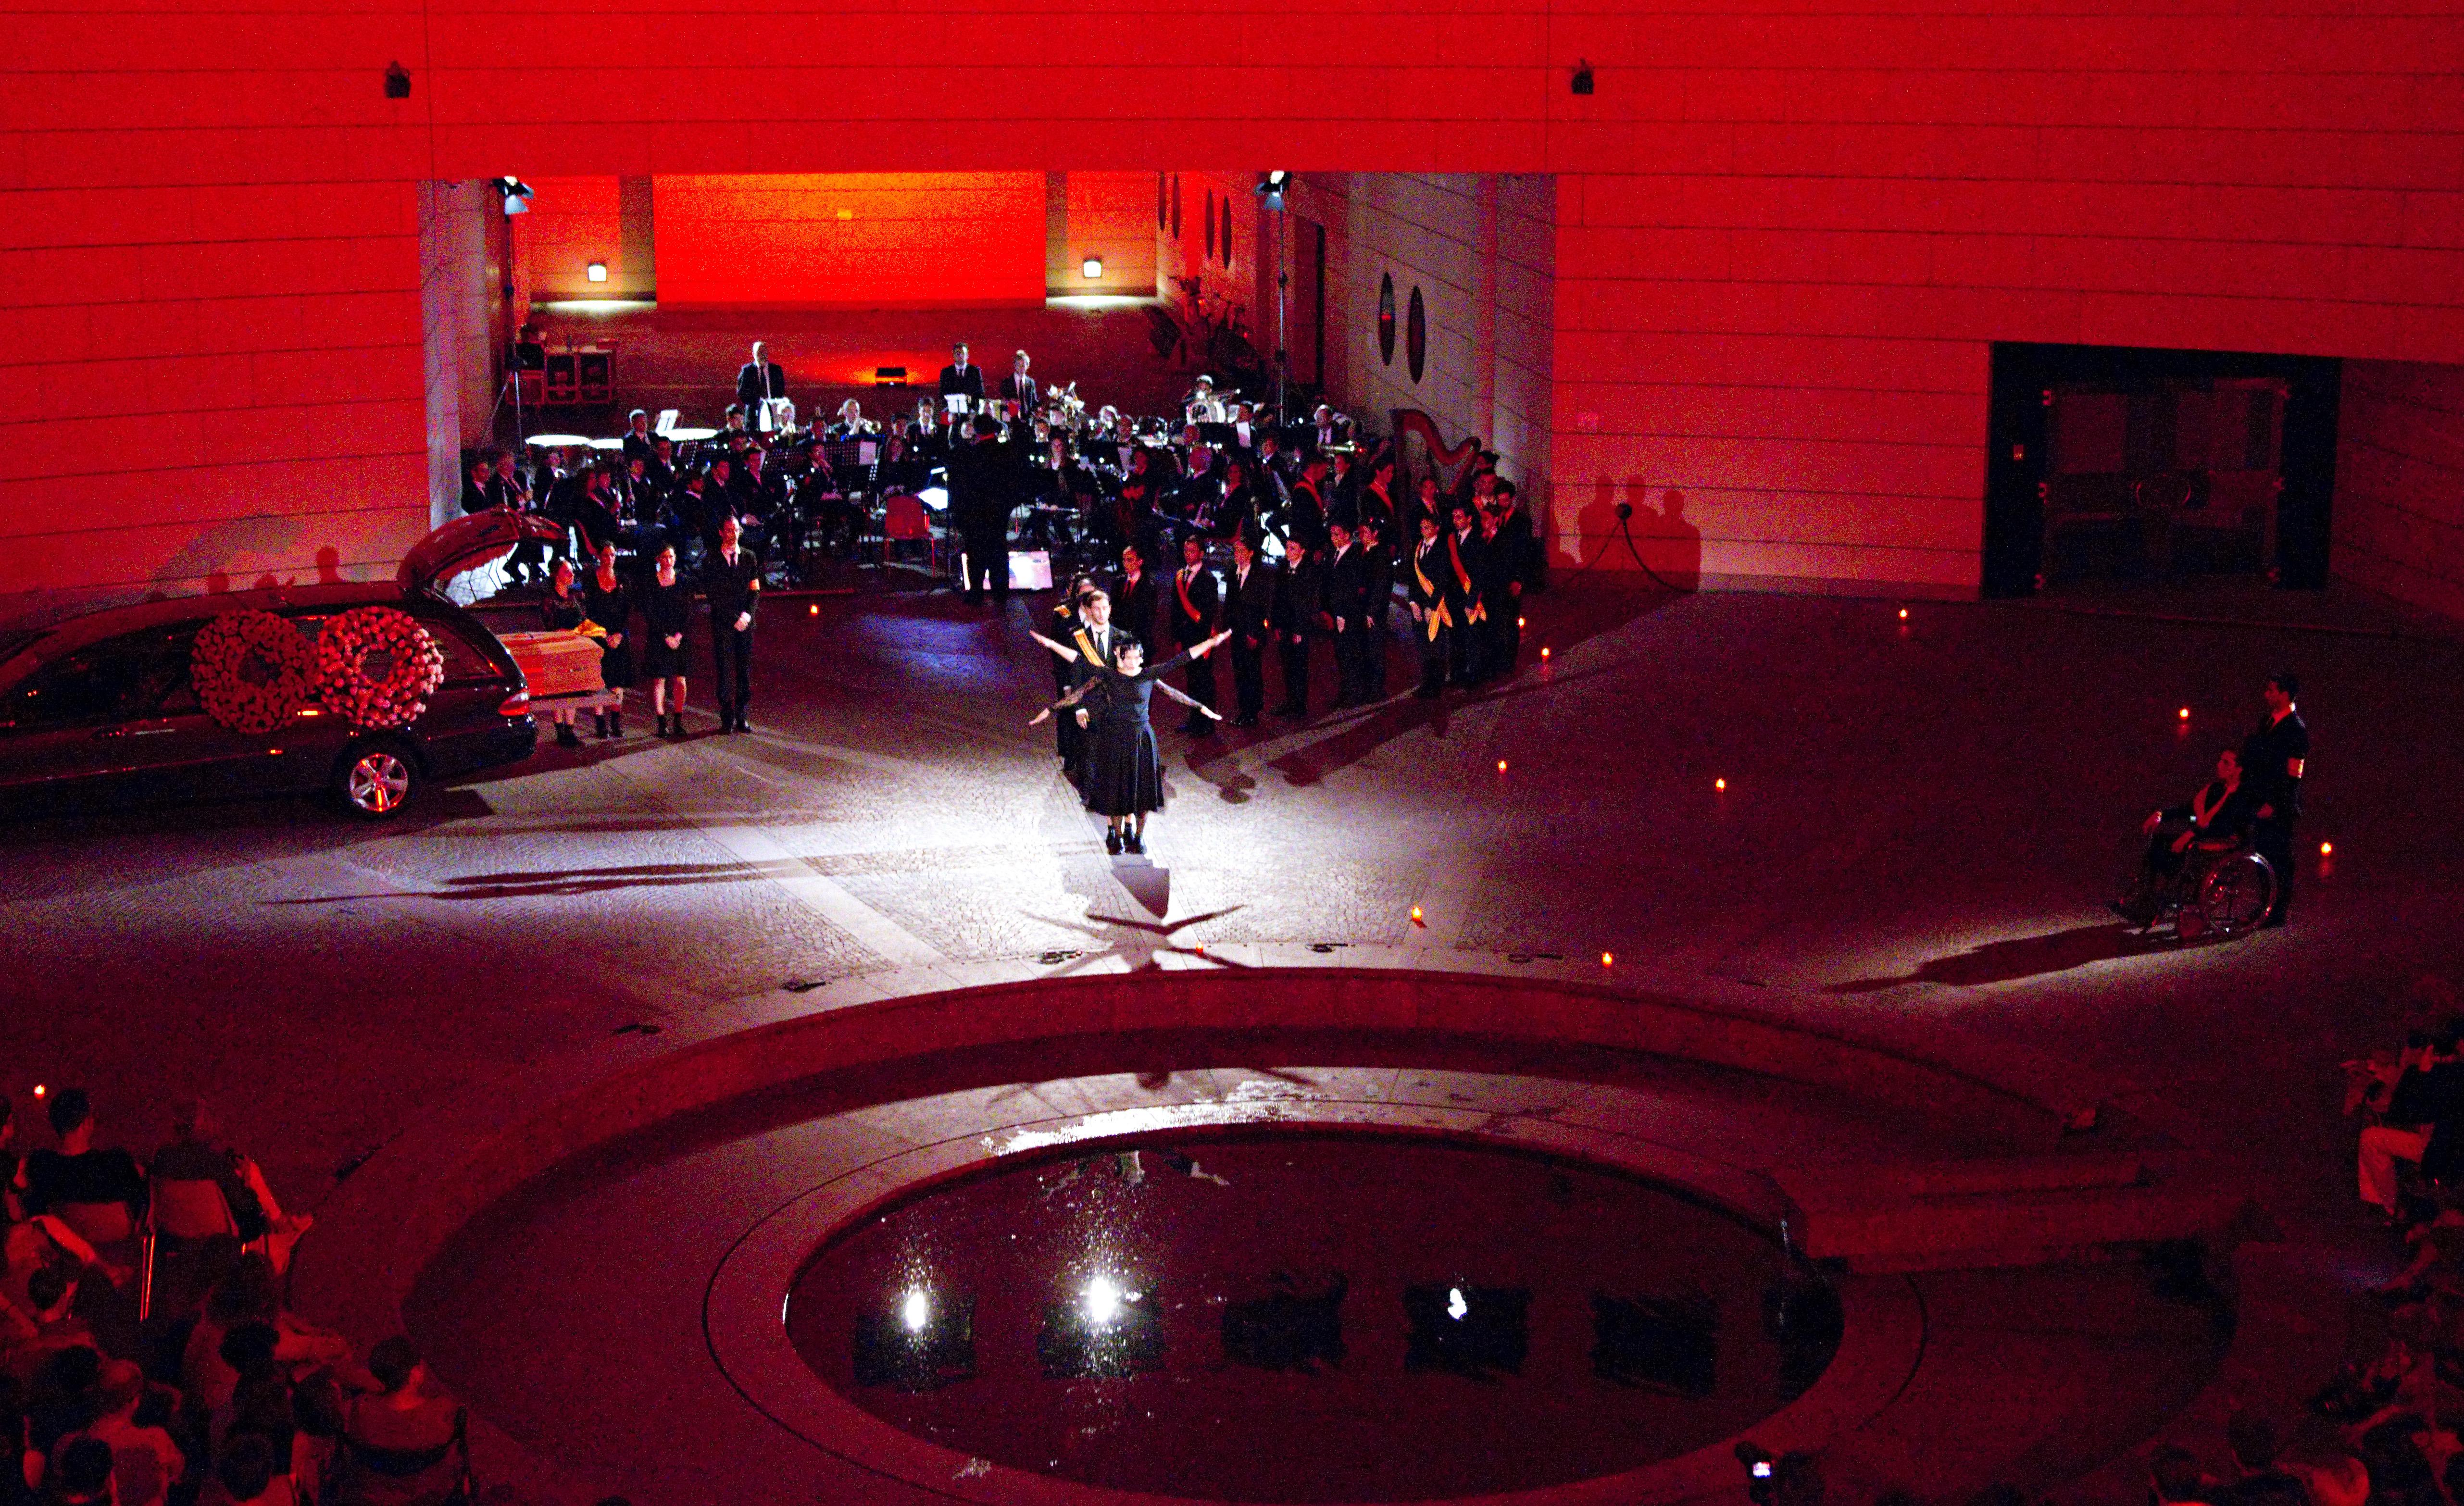 La parete è illuminata con apparecchi a LED per architettura di colore rosso, l'orchestra prende un controluce da alcuni Fresnel montati su cavalletto, mentre il gruppo centrale ha un controluce di quattro PAR concentrati al centro e un taglio di due PAR da destra. I personaggi a destra prendono un taglio di un PC da destra. Tutti gli apparecchi hanno gelatine 201 Lee (courtesy photo: Sandra Raccanello)